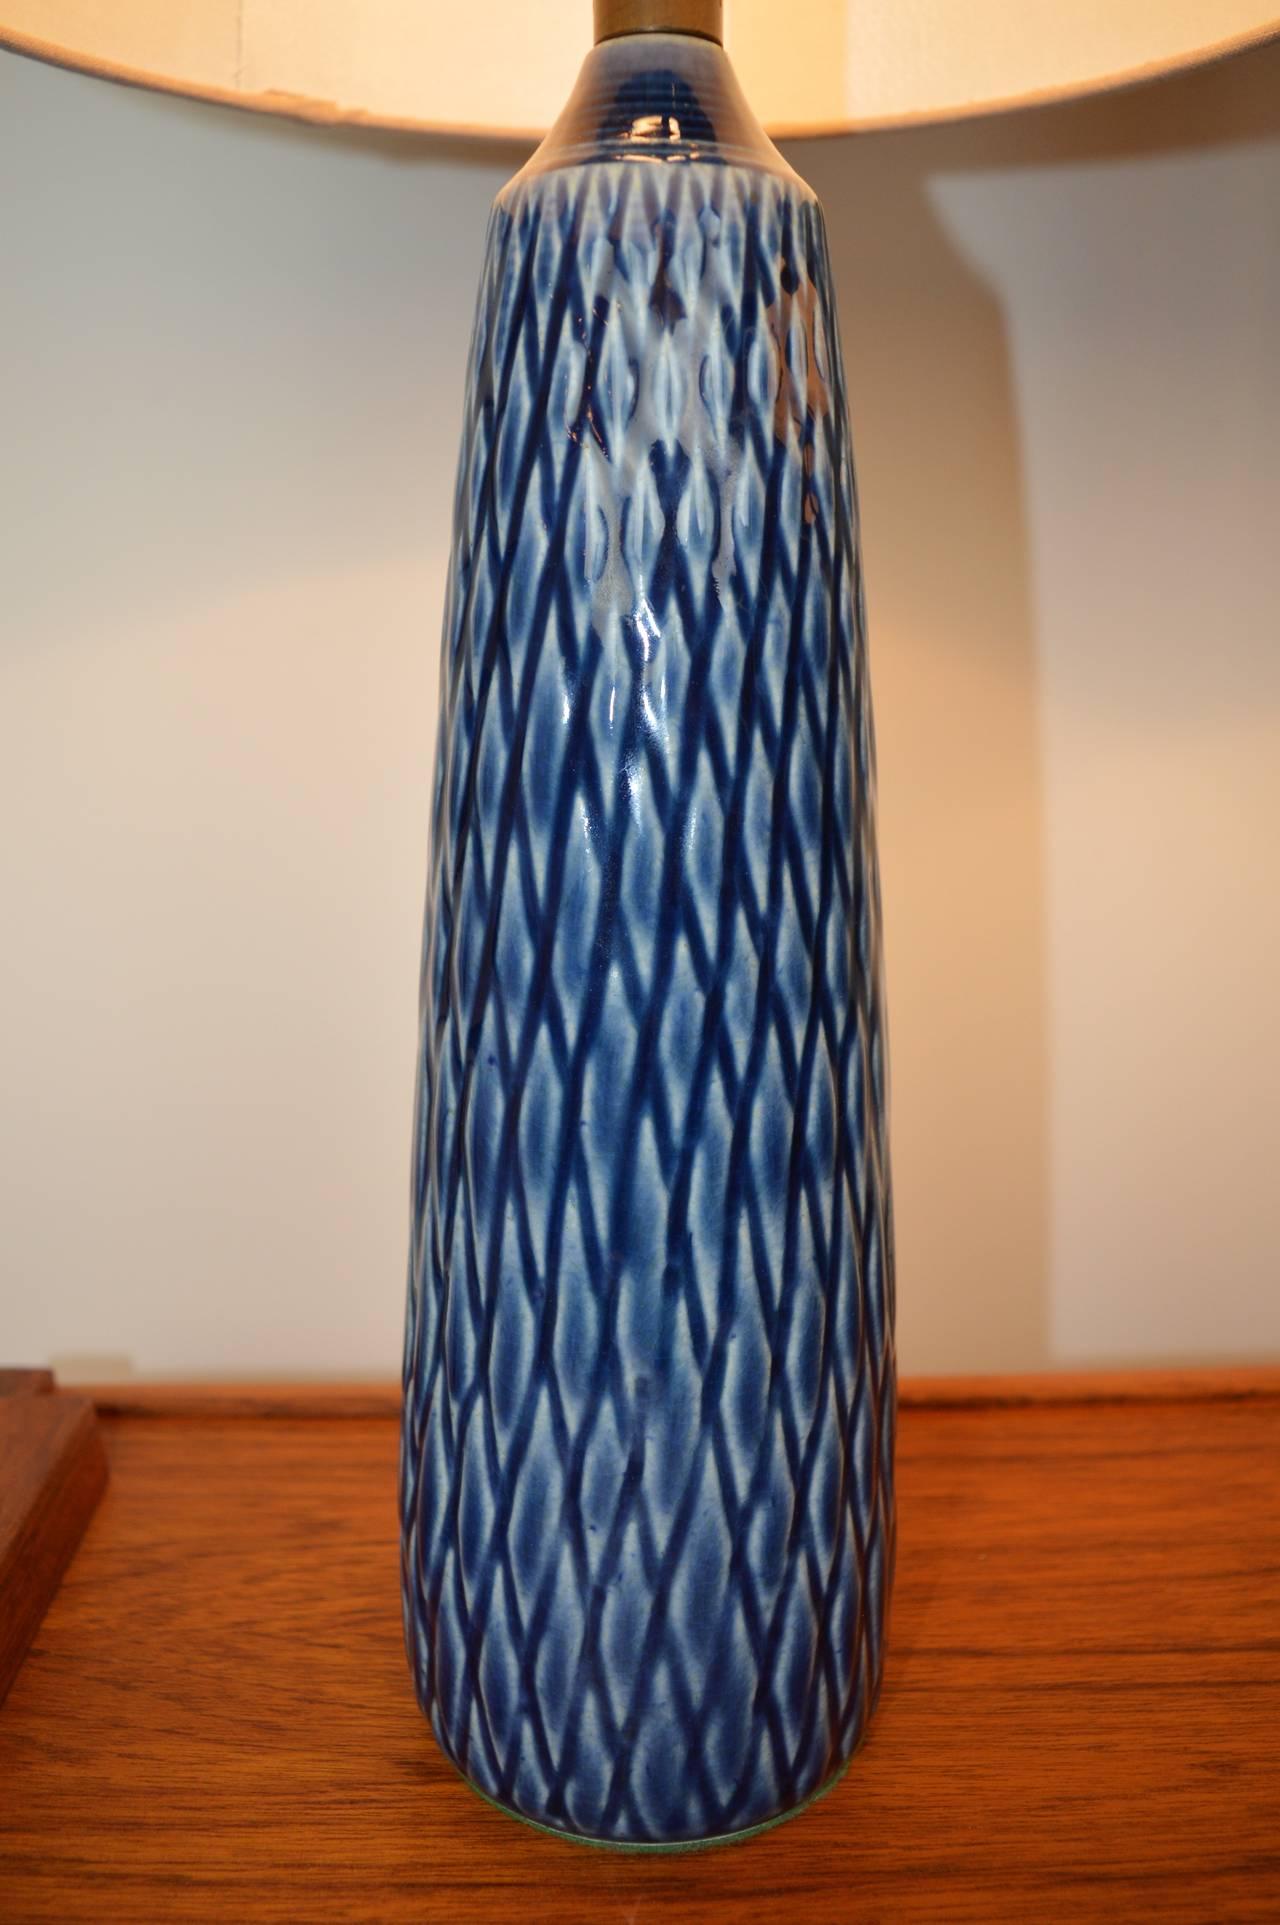 Rare Pair Of Danish Modern Textured Ceramic Lotte Lamps In